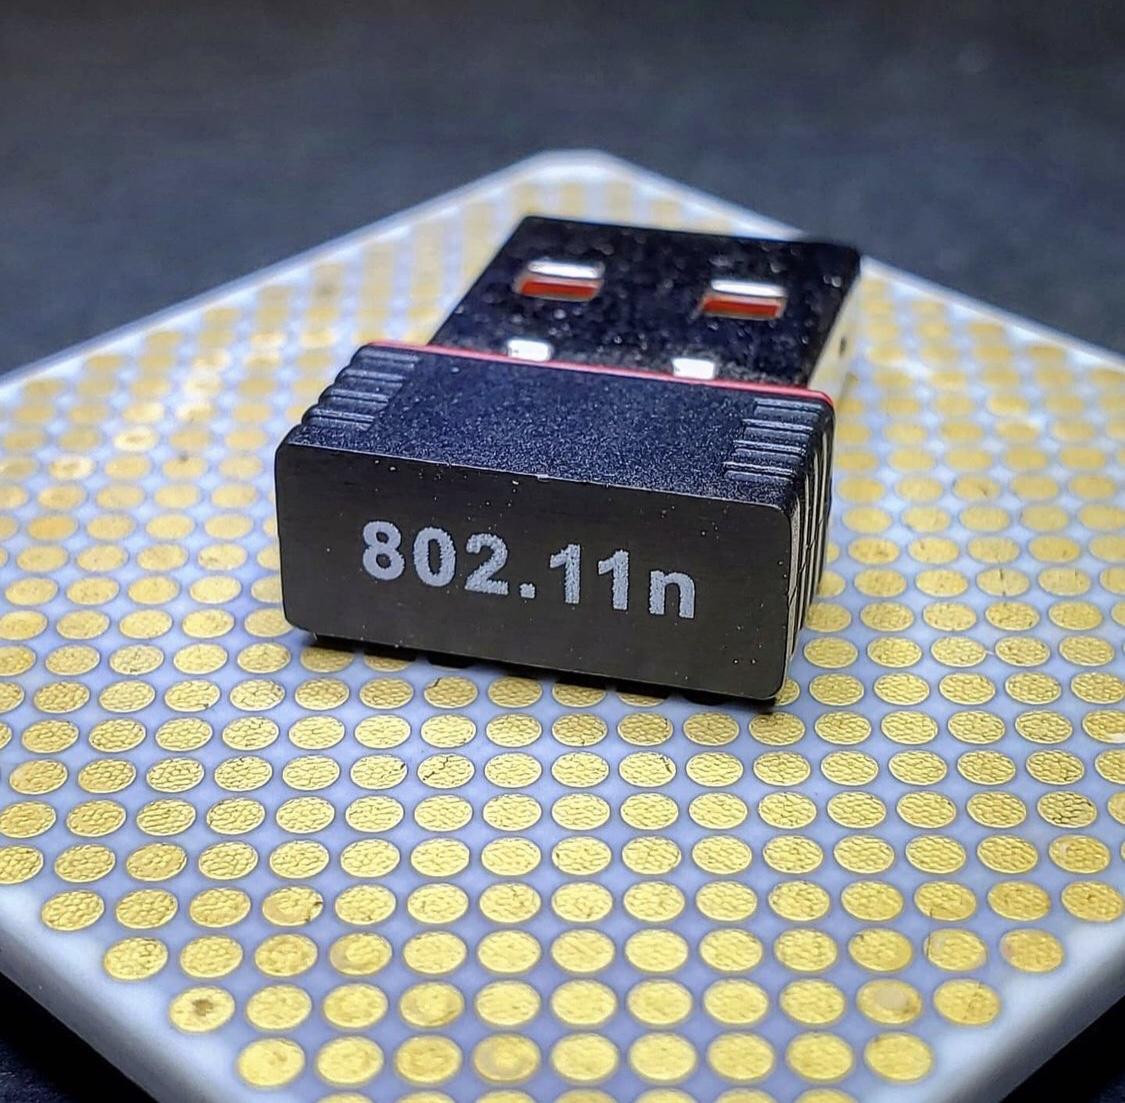 美图赏析:拆解USB无线网卡,电路方案非常经典